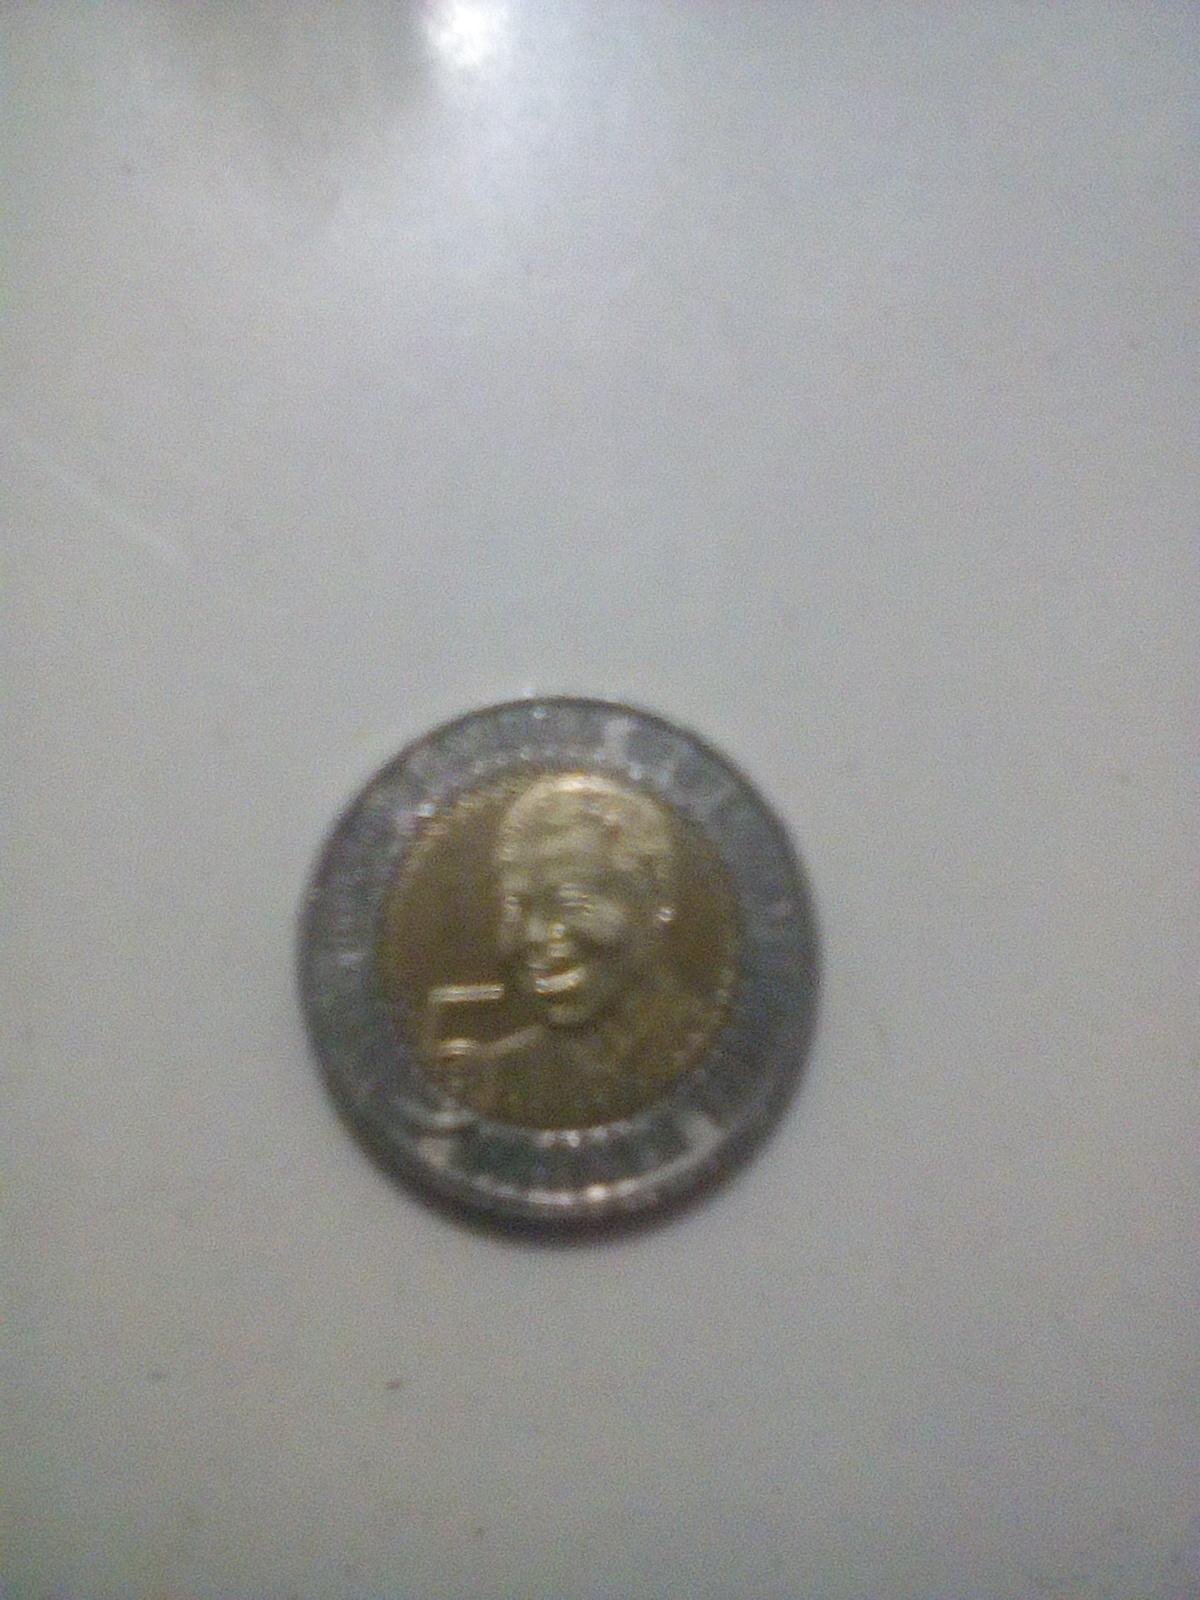 Sell R5 coin 2018'mandelas head